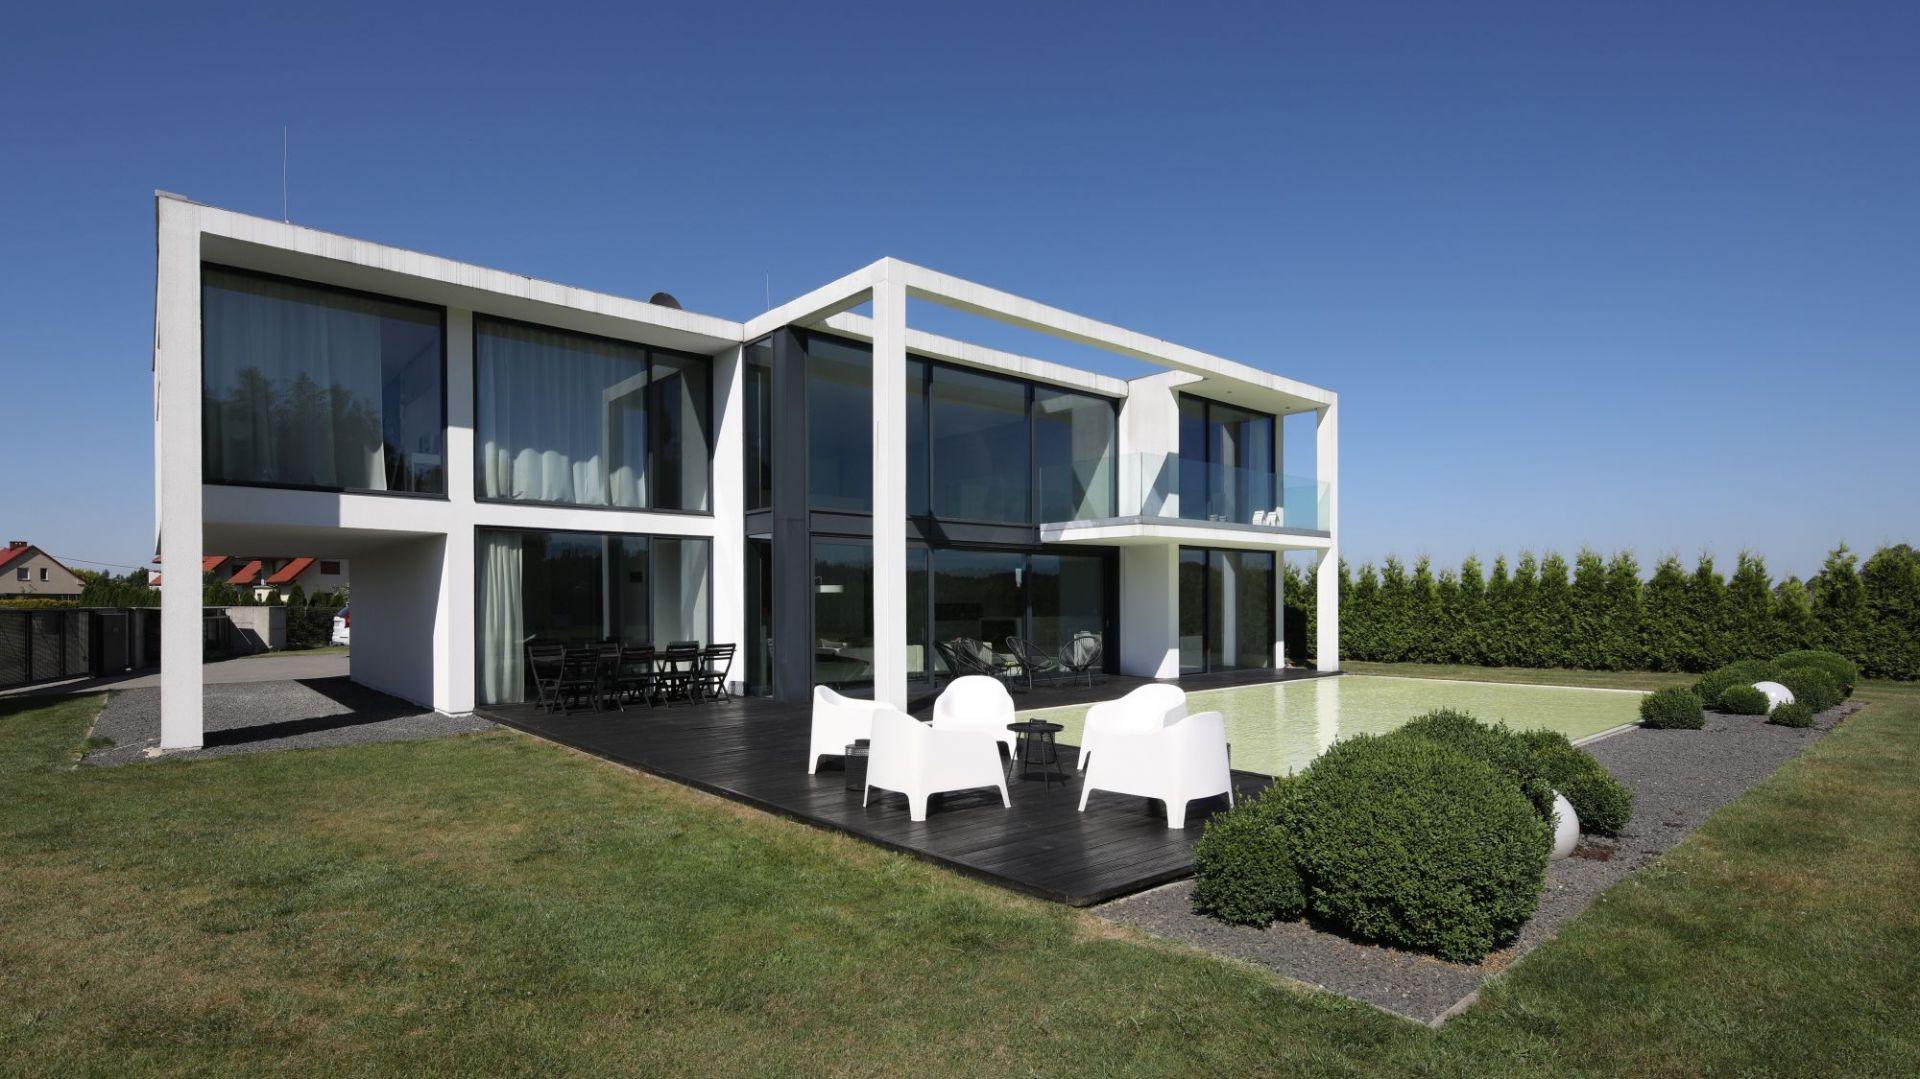 Beton House to dwupiętrowa bryła o prostej formie i białej kolorystyce. Od strony ogrodu dominują tu duże, dwukondygnacyjne przeszklenia. Projekt: arch. Hanna i Seweryn Nogalscy, Beton House Architekci. Fot. Bartosz Jarosz